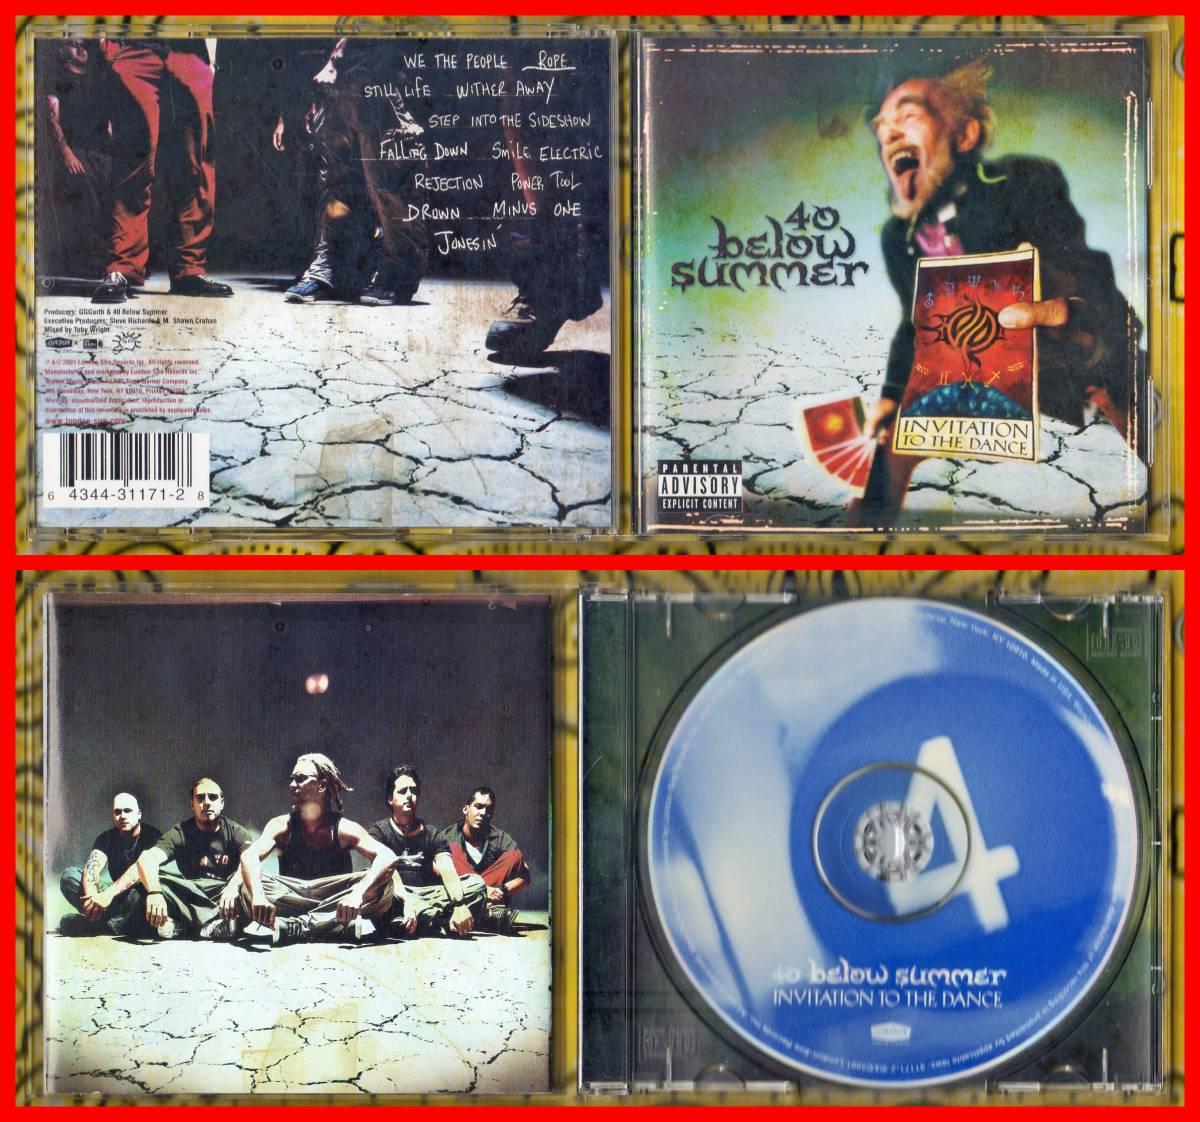 輸入盤cd 40 Below Summer ビロウ サマー ヤフオク